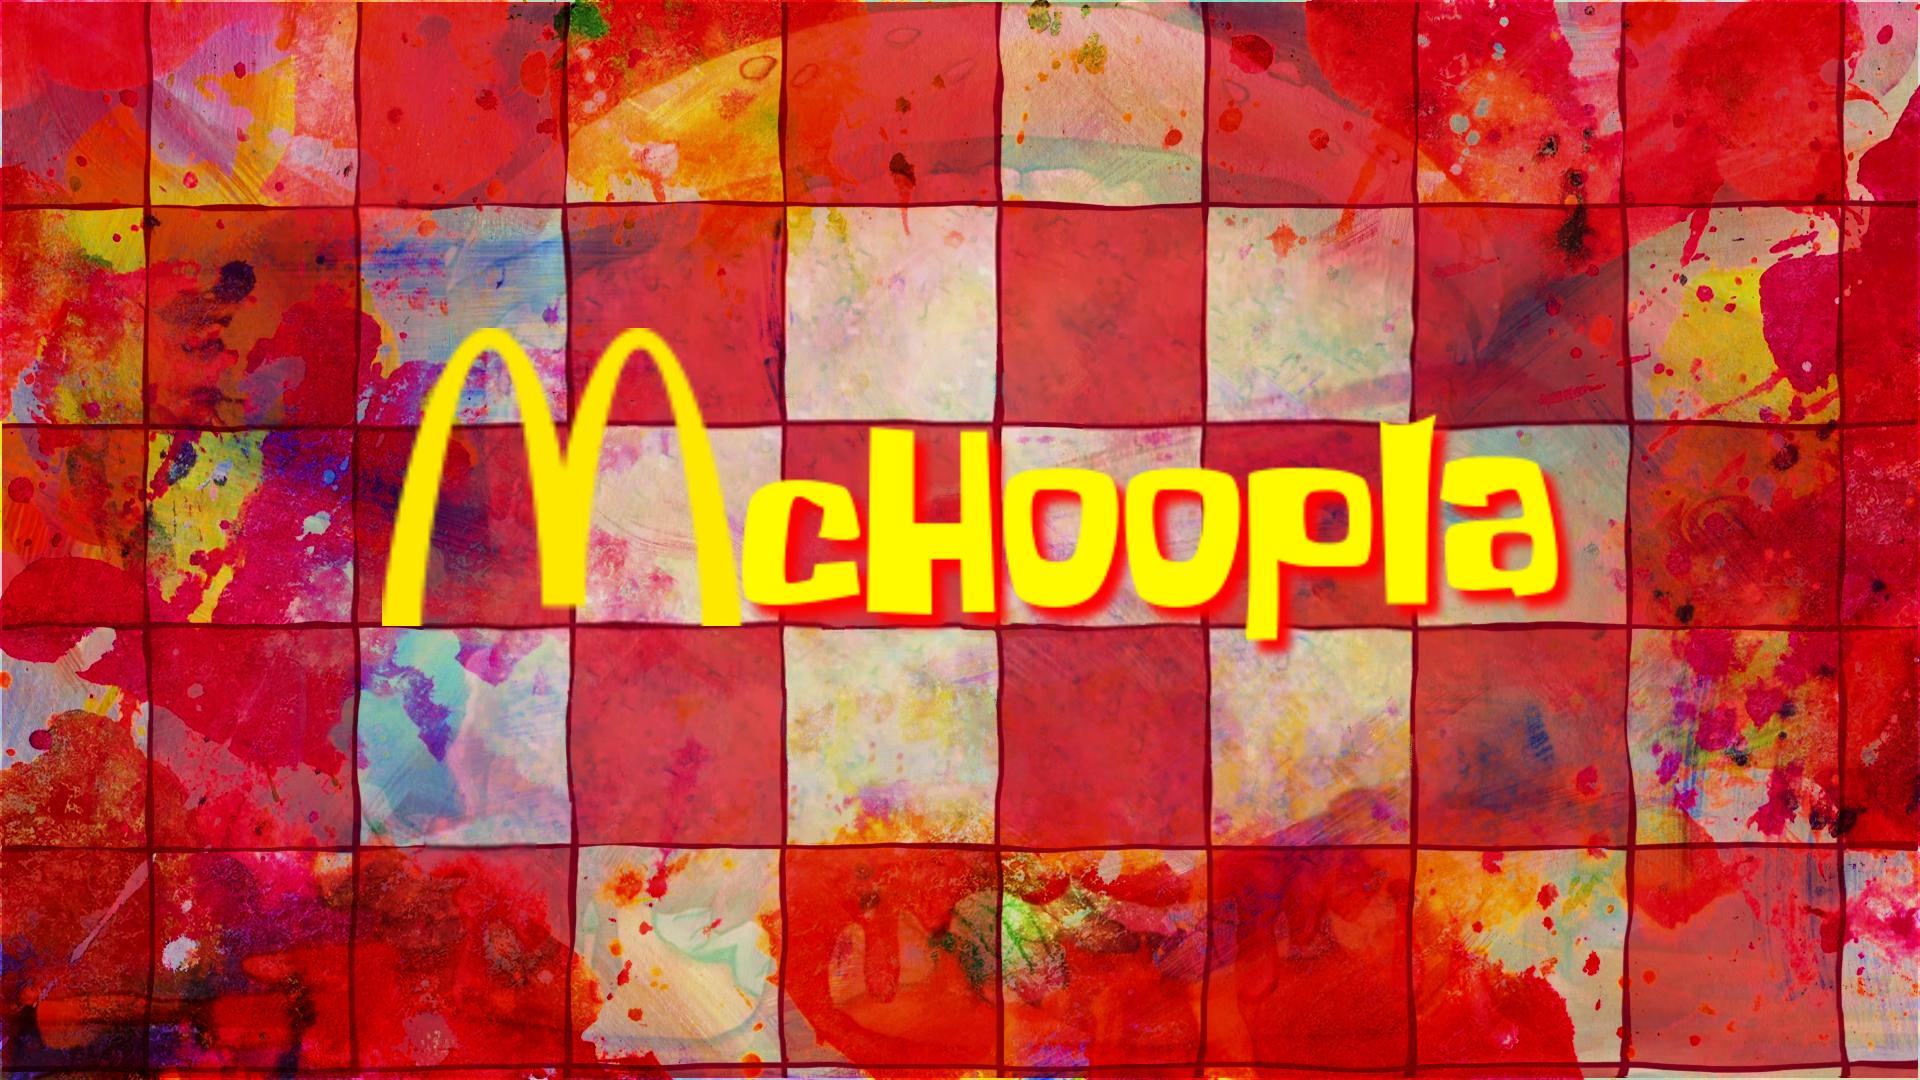 McHoopla